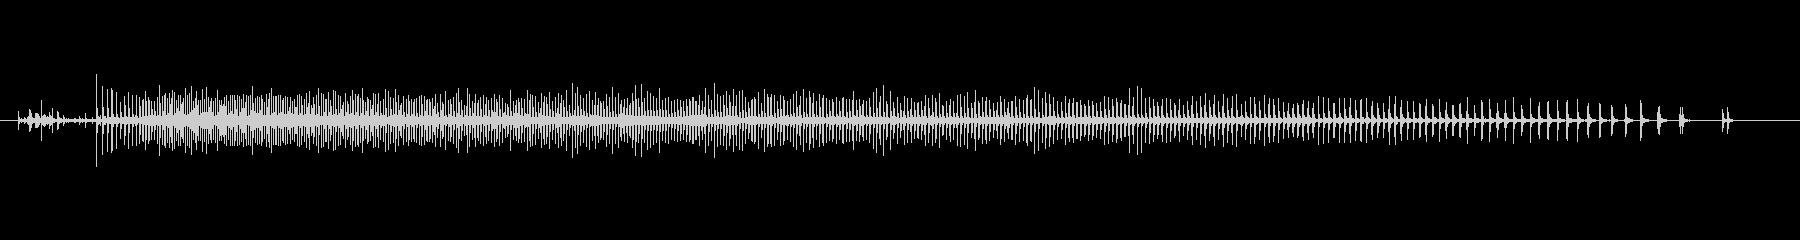 BMX バイクペダルワンスコースト01の未再生の波形